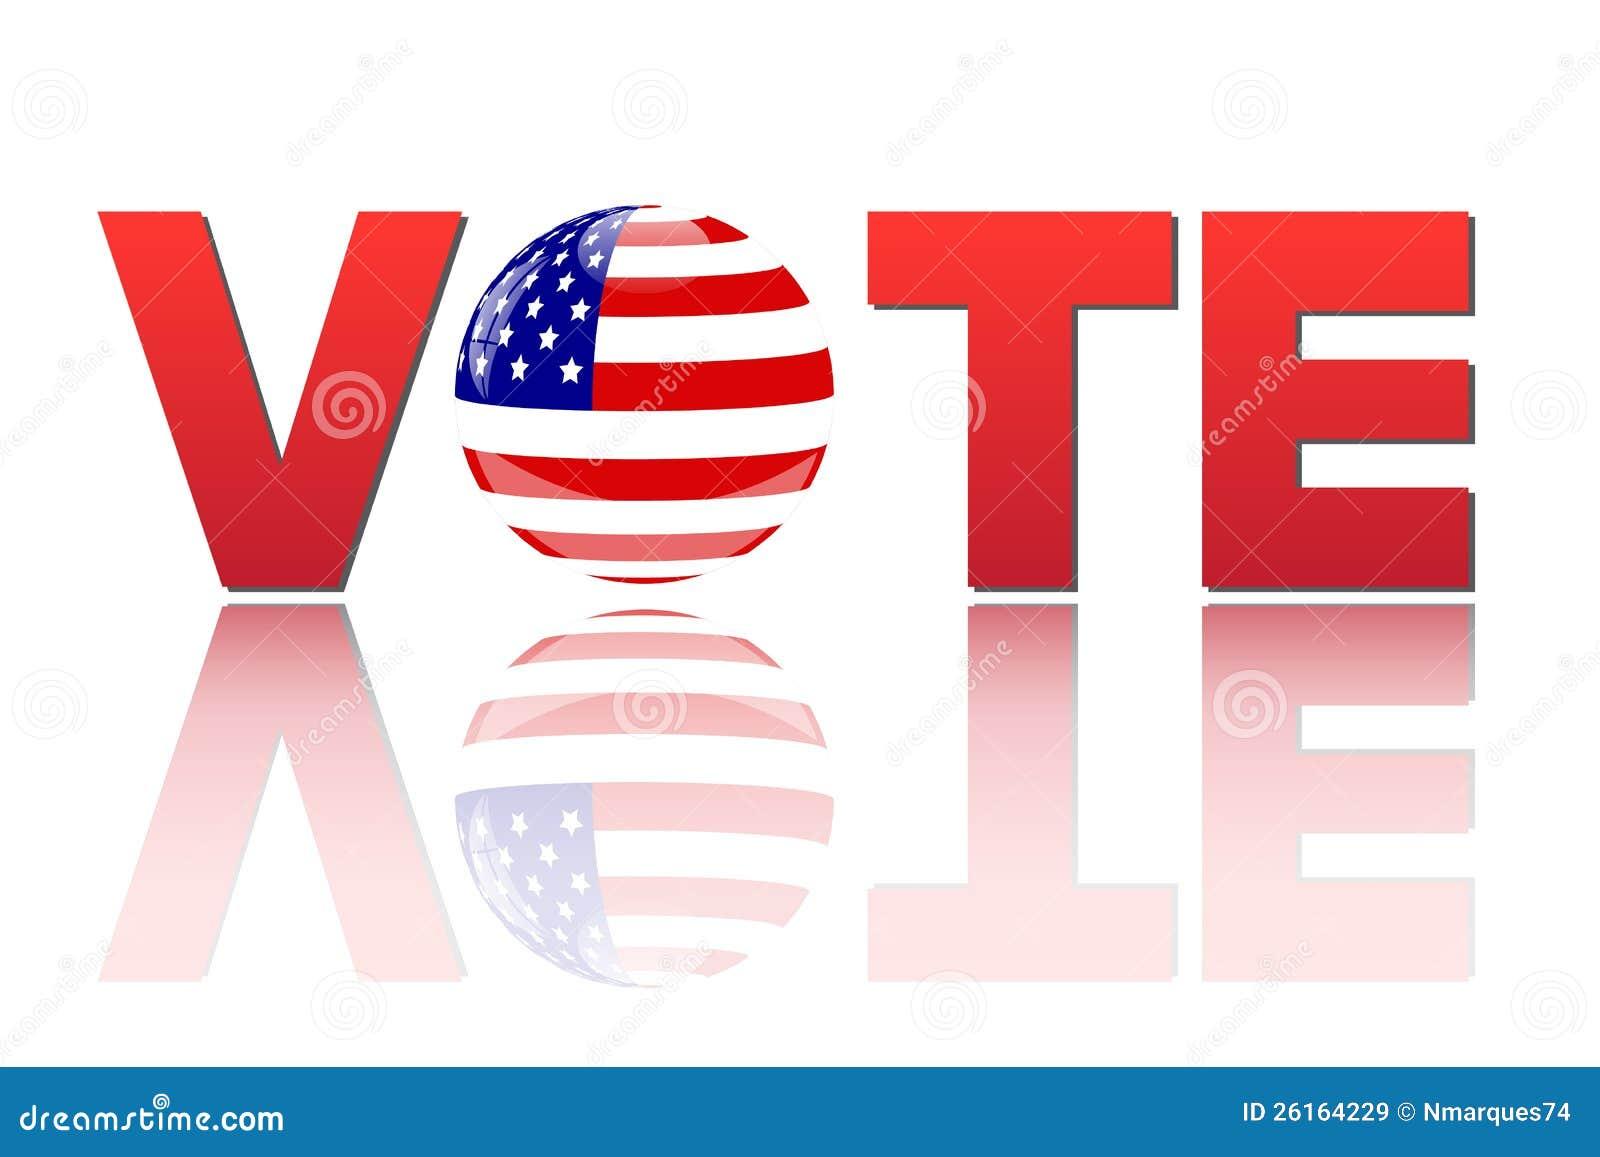 Vote America Royalty F...